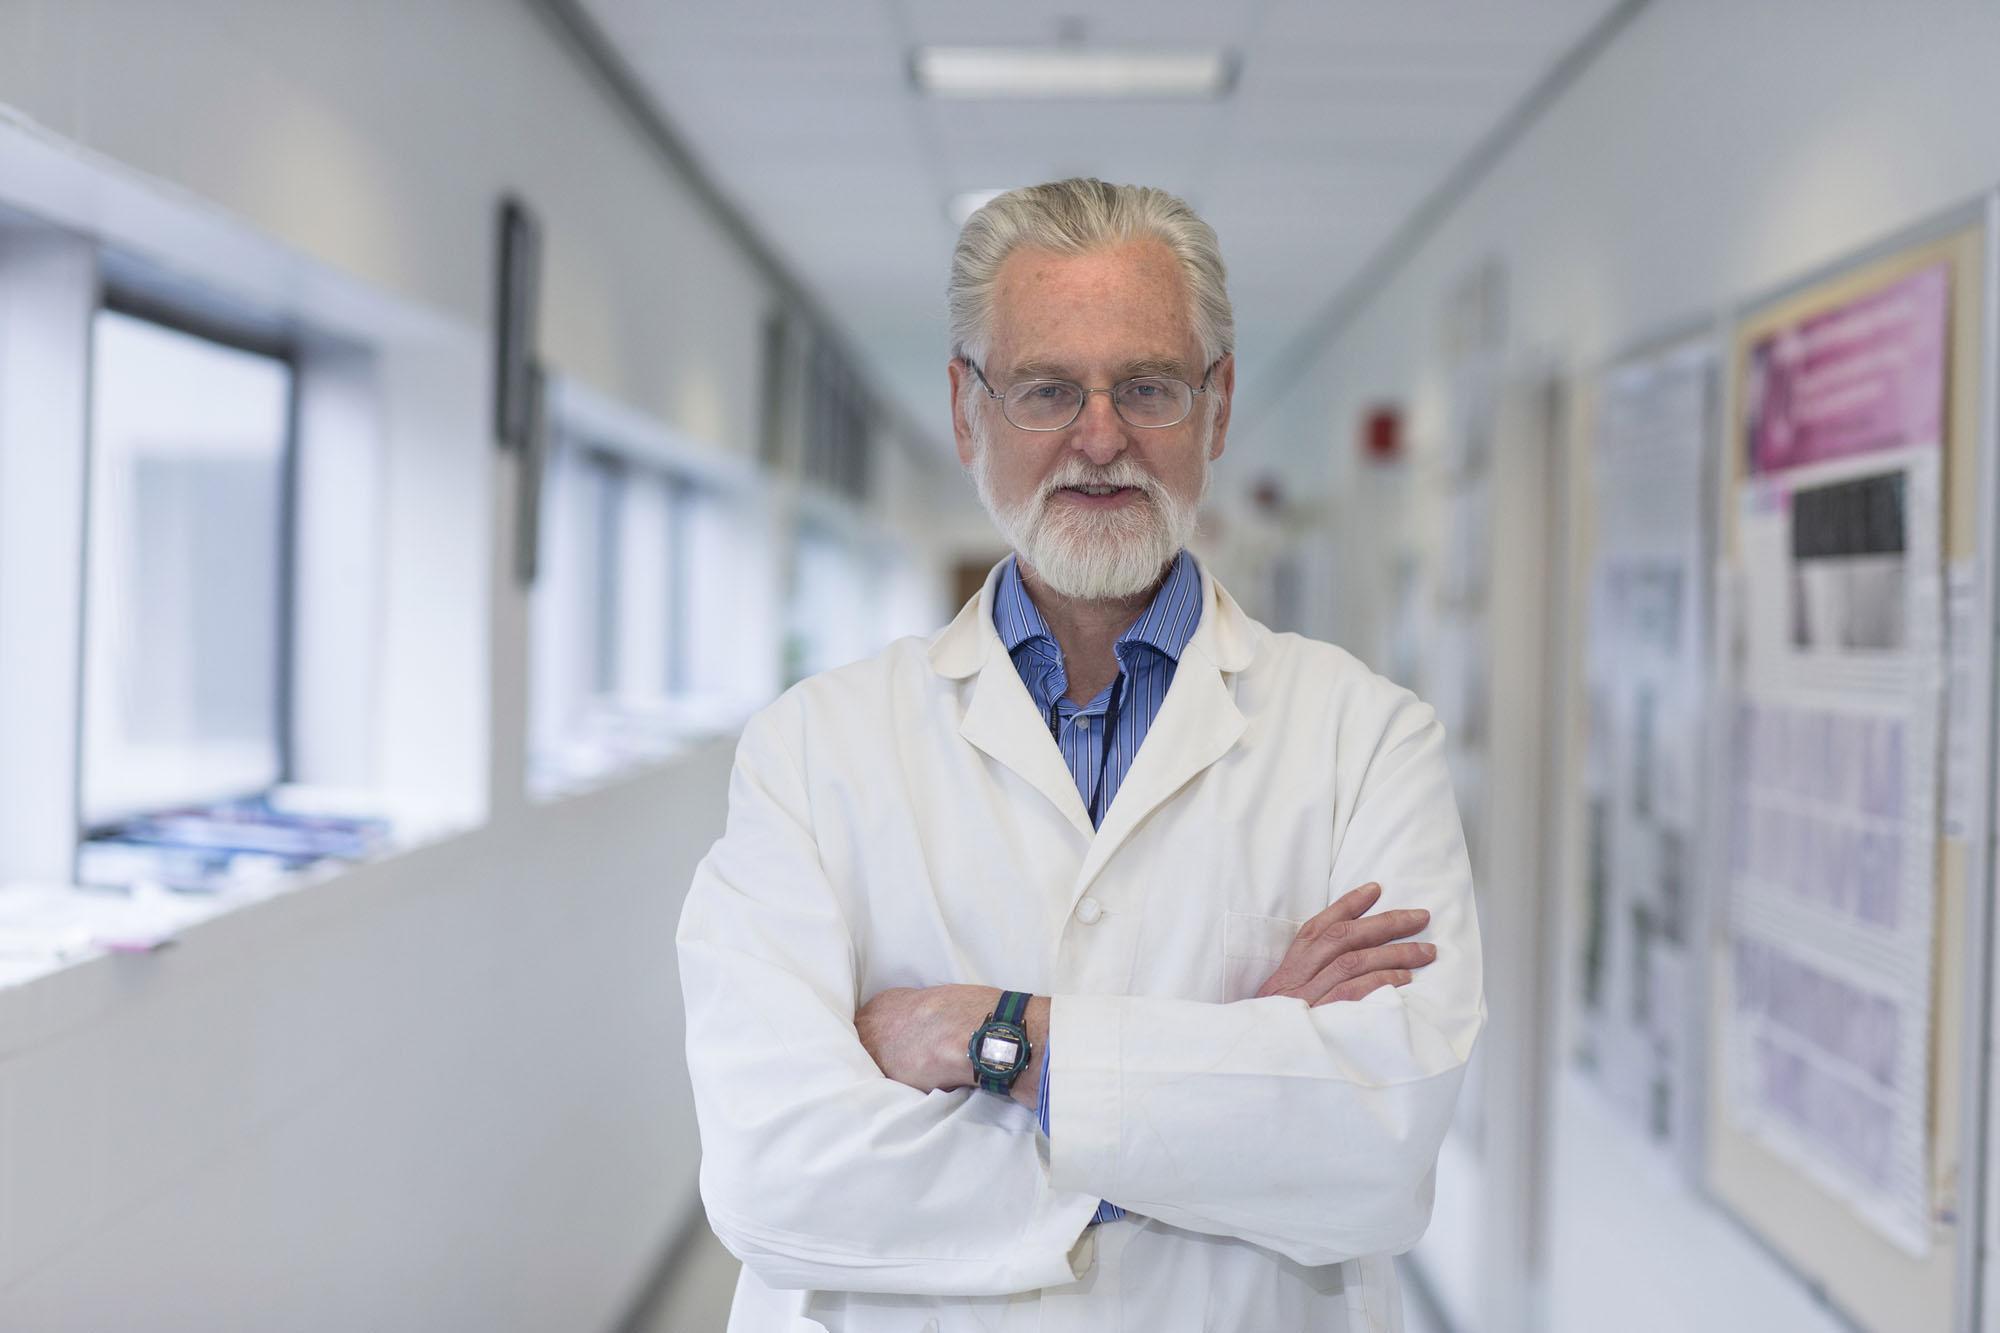 Cell biologist John Herr